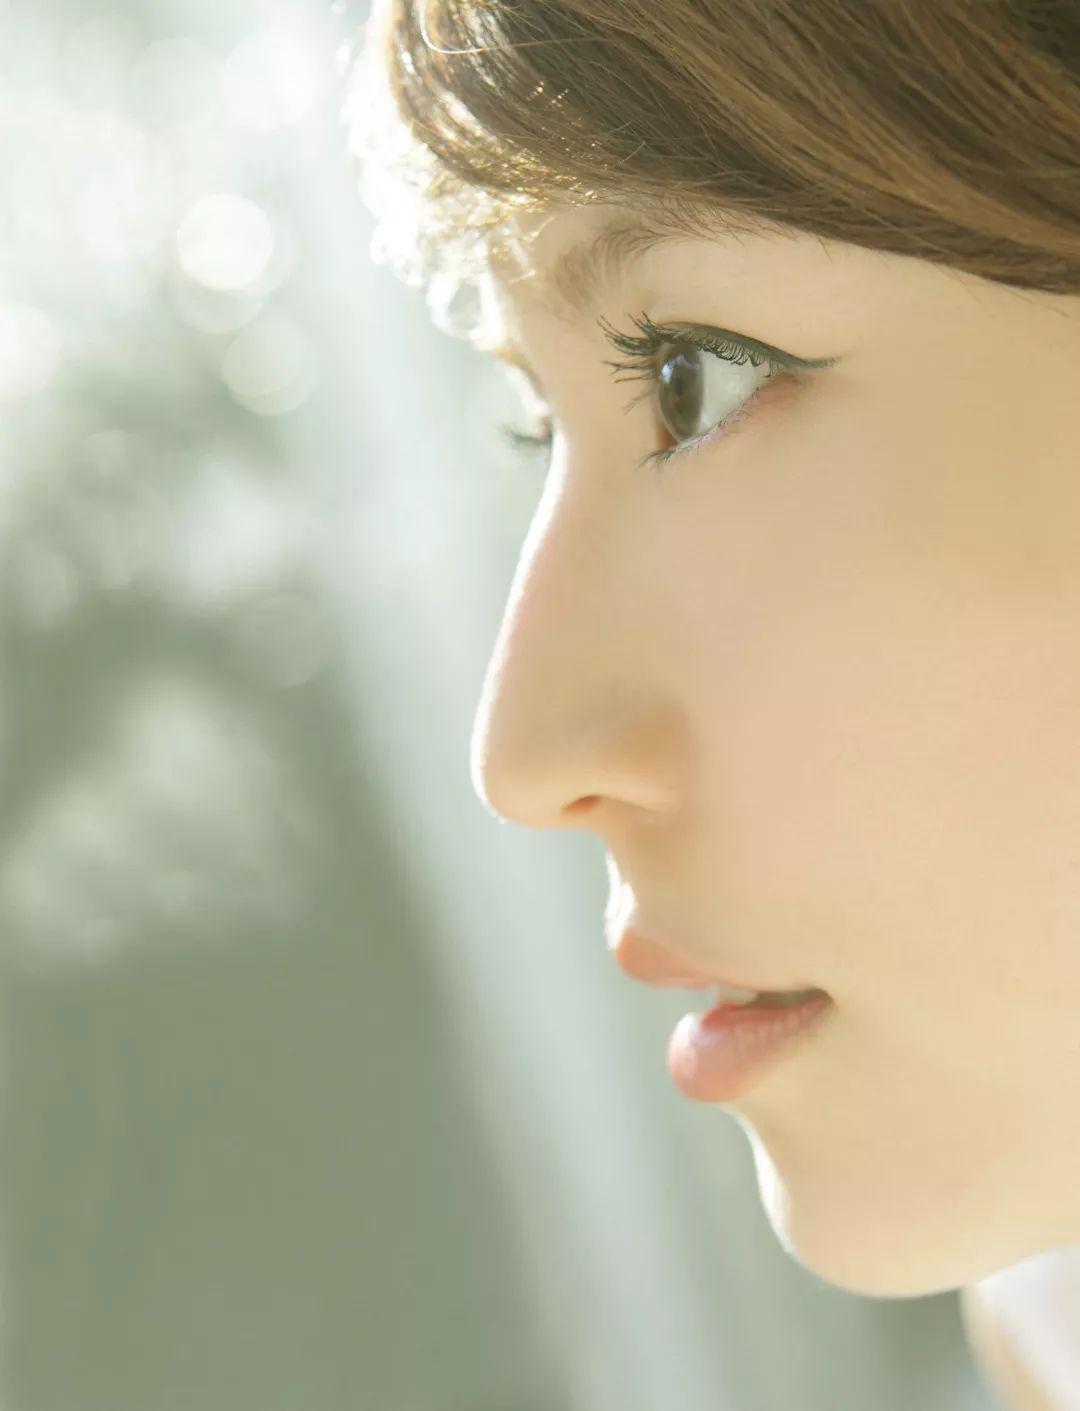 长泽雅美「N/S Eyes」